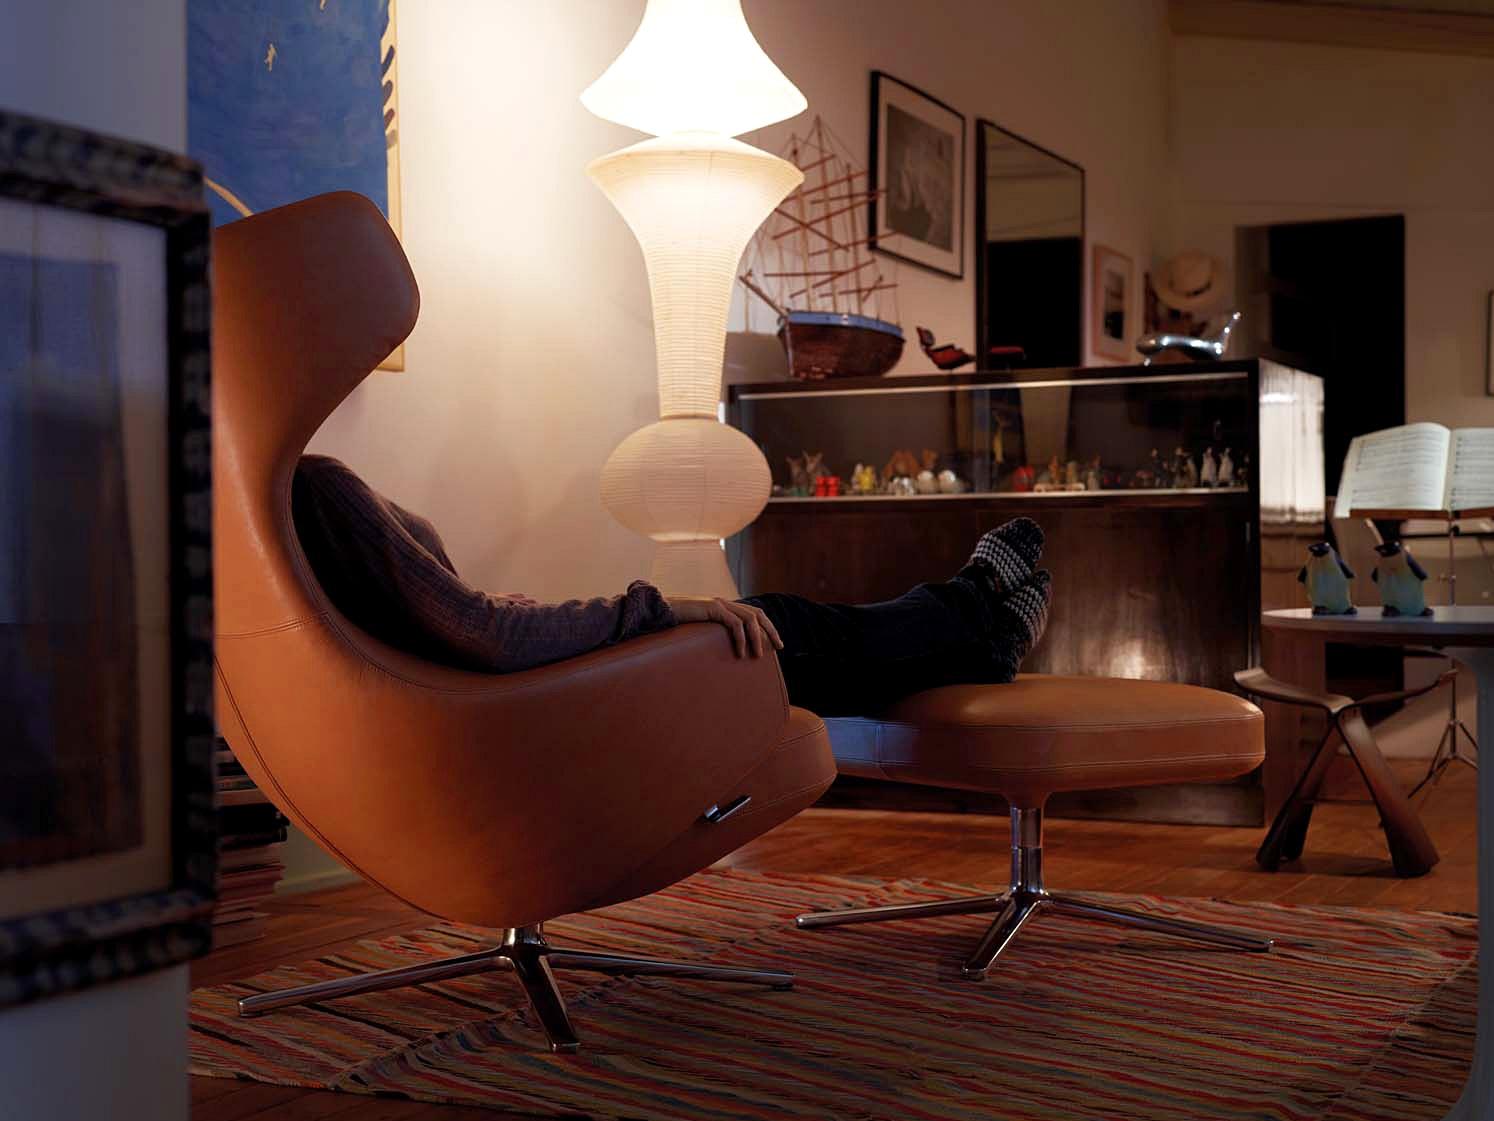 Full Size of Led Beleuchtung Wohnzimmer Tipps Wand Indirekte Indirekt Spots Selber Bauen Modern Wohnwand Decke Lampen Planen Wieviel Lumen Mit Indirekter Ideen Niedrige Wohnzimmer Wohnzimmer Beleuchtung